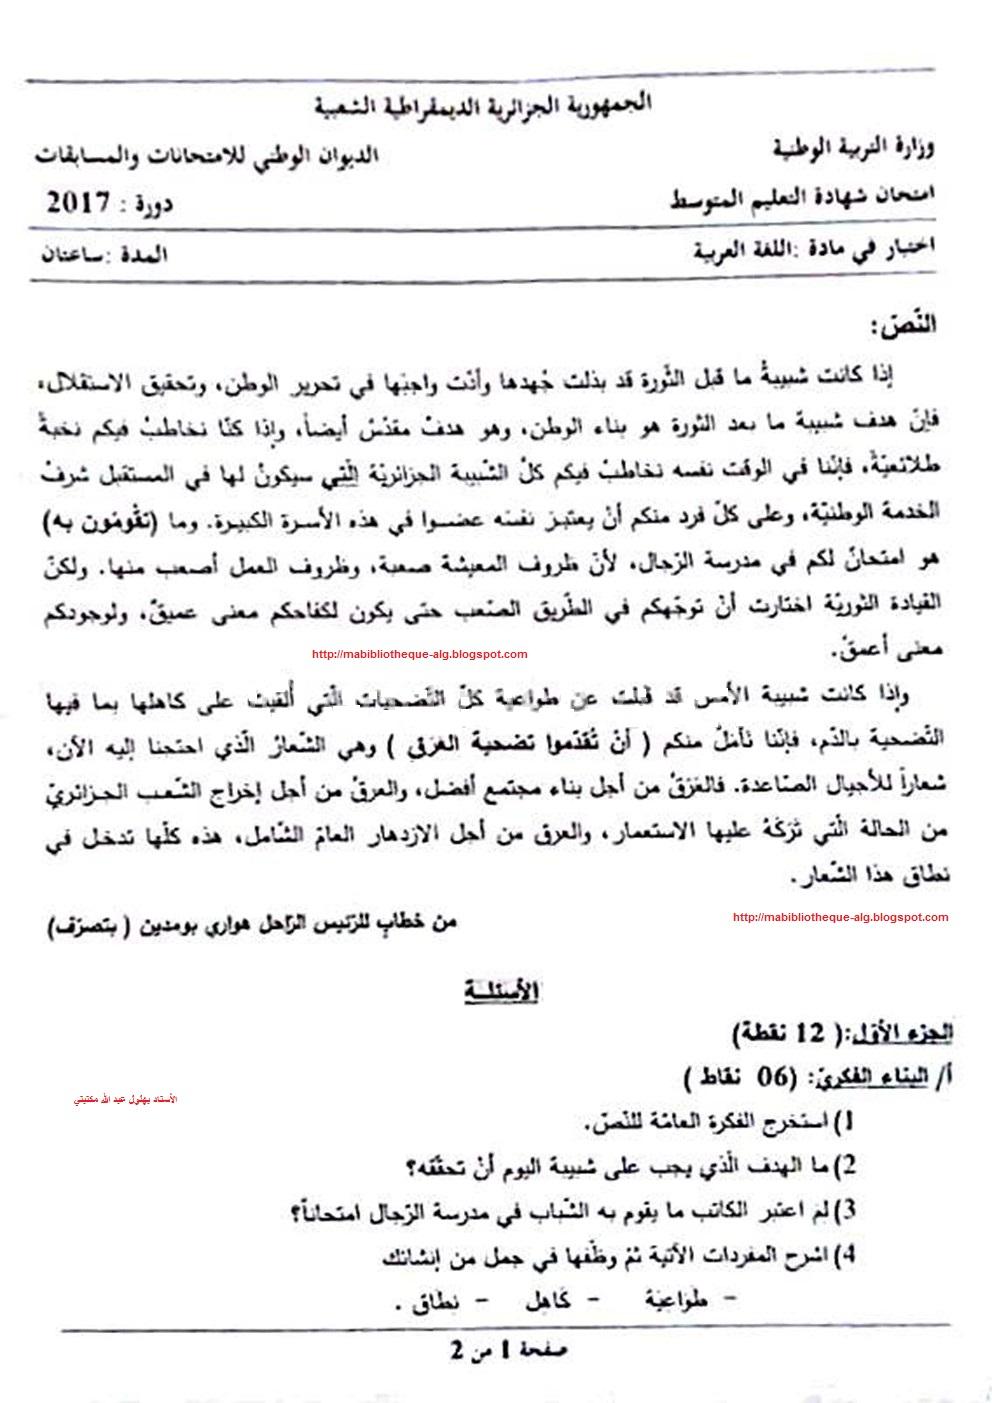 موضوع اللغة العربية امتحان شهادة التعليم المتوسط 2017 Bem-arabic-2017_1